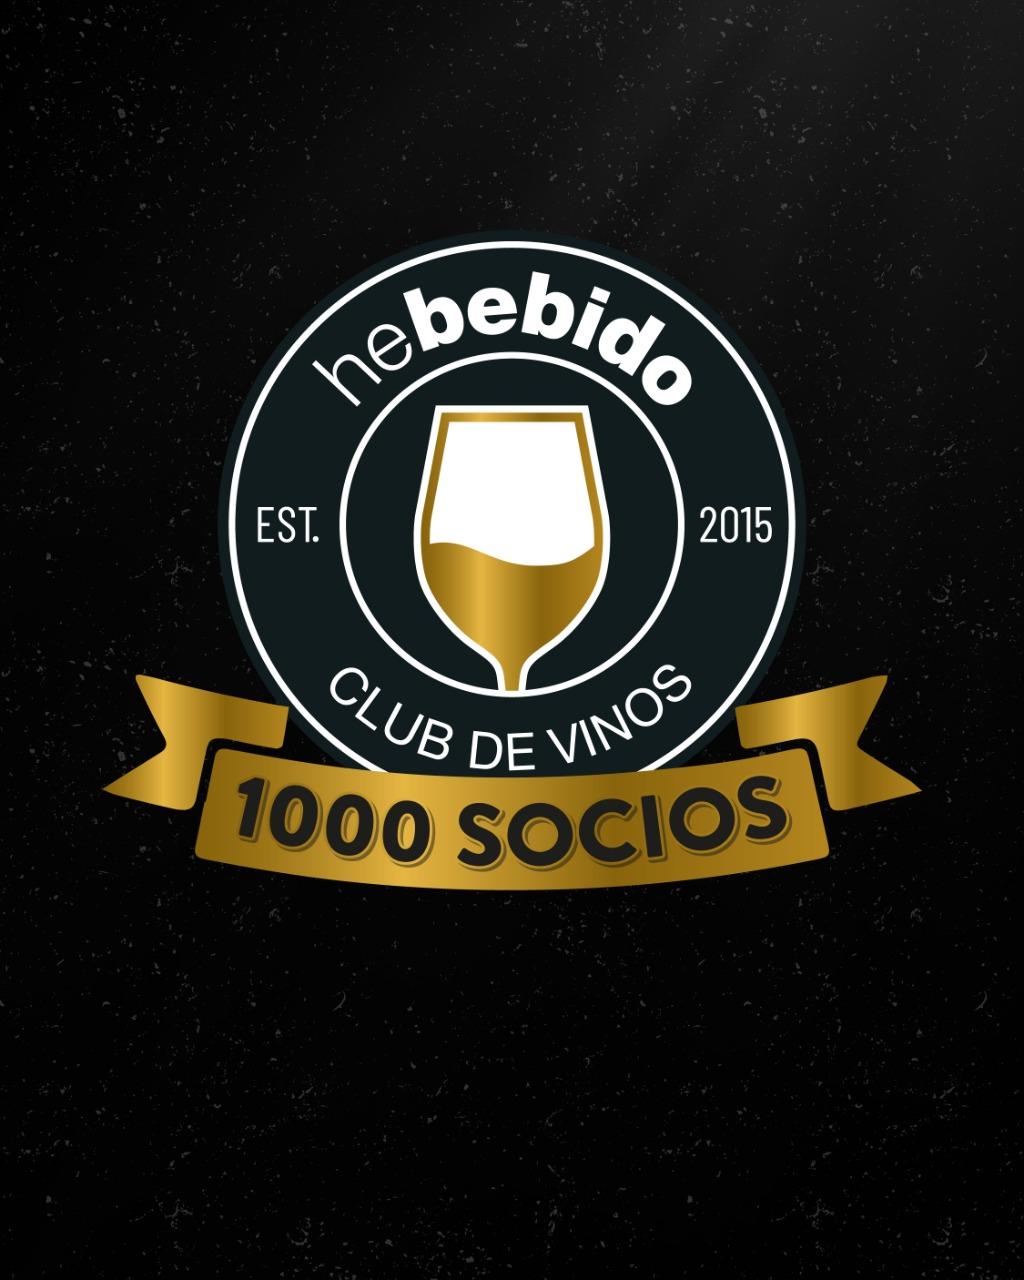 He Bebido, nuestro club alcanzó los 1000 socios!!!